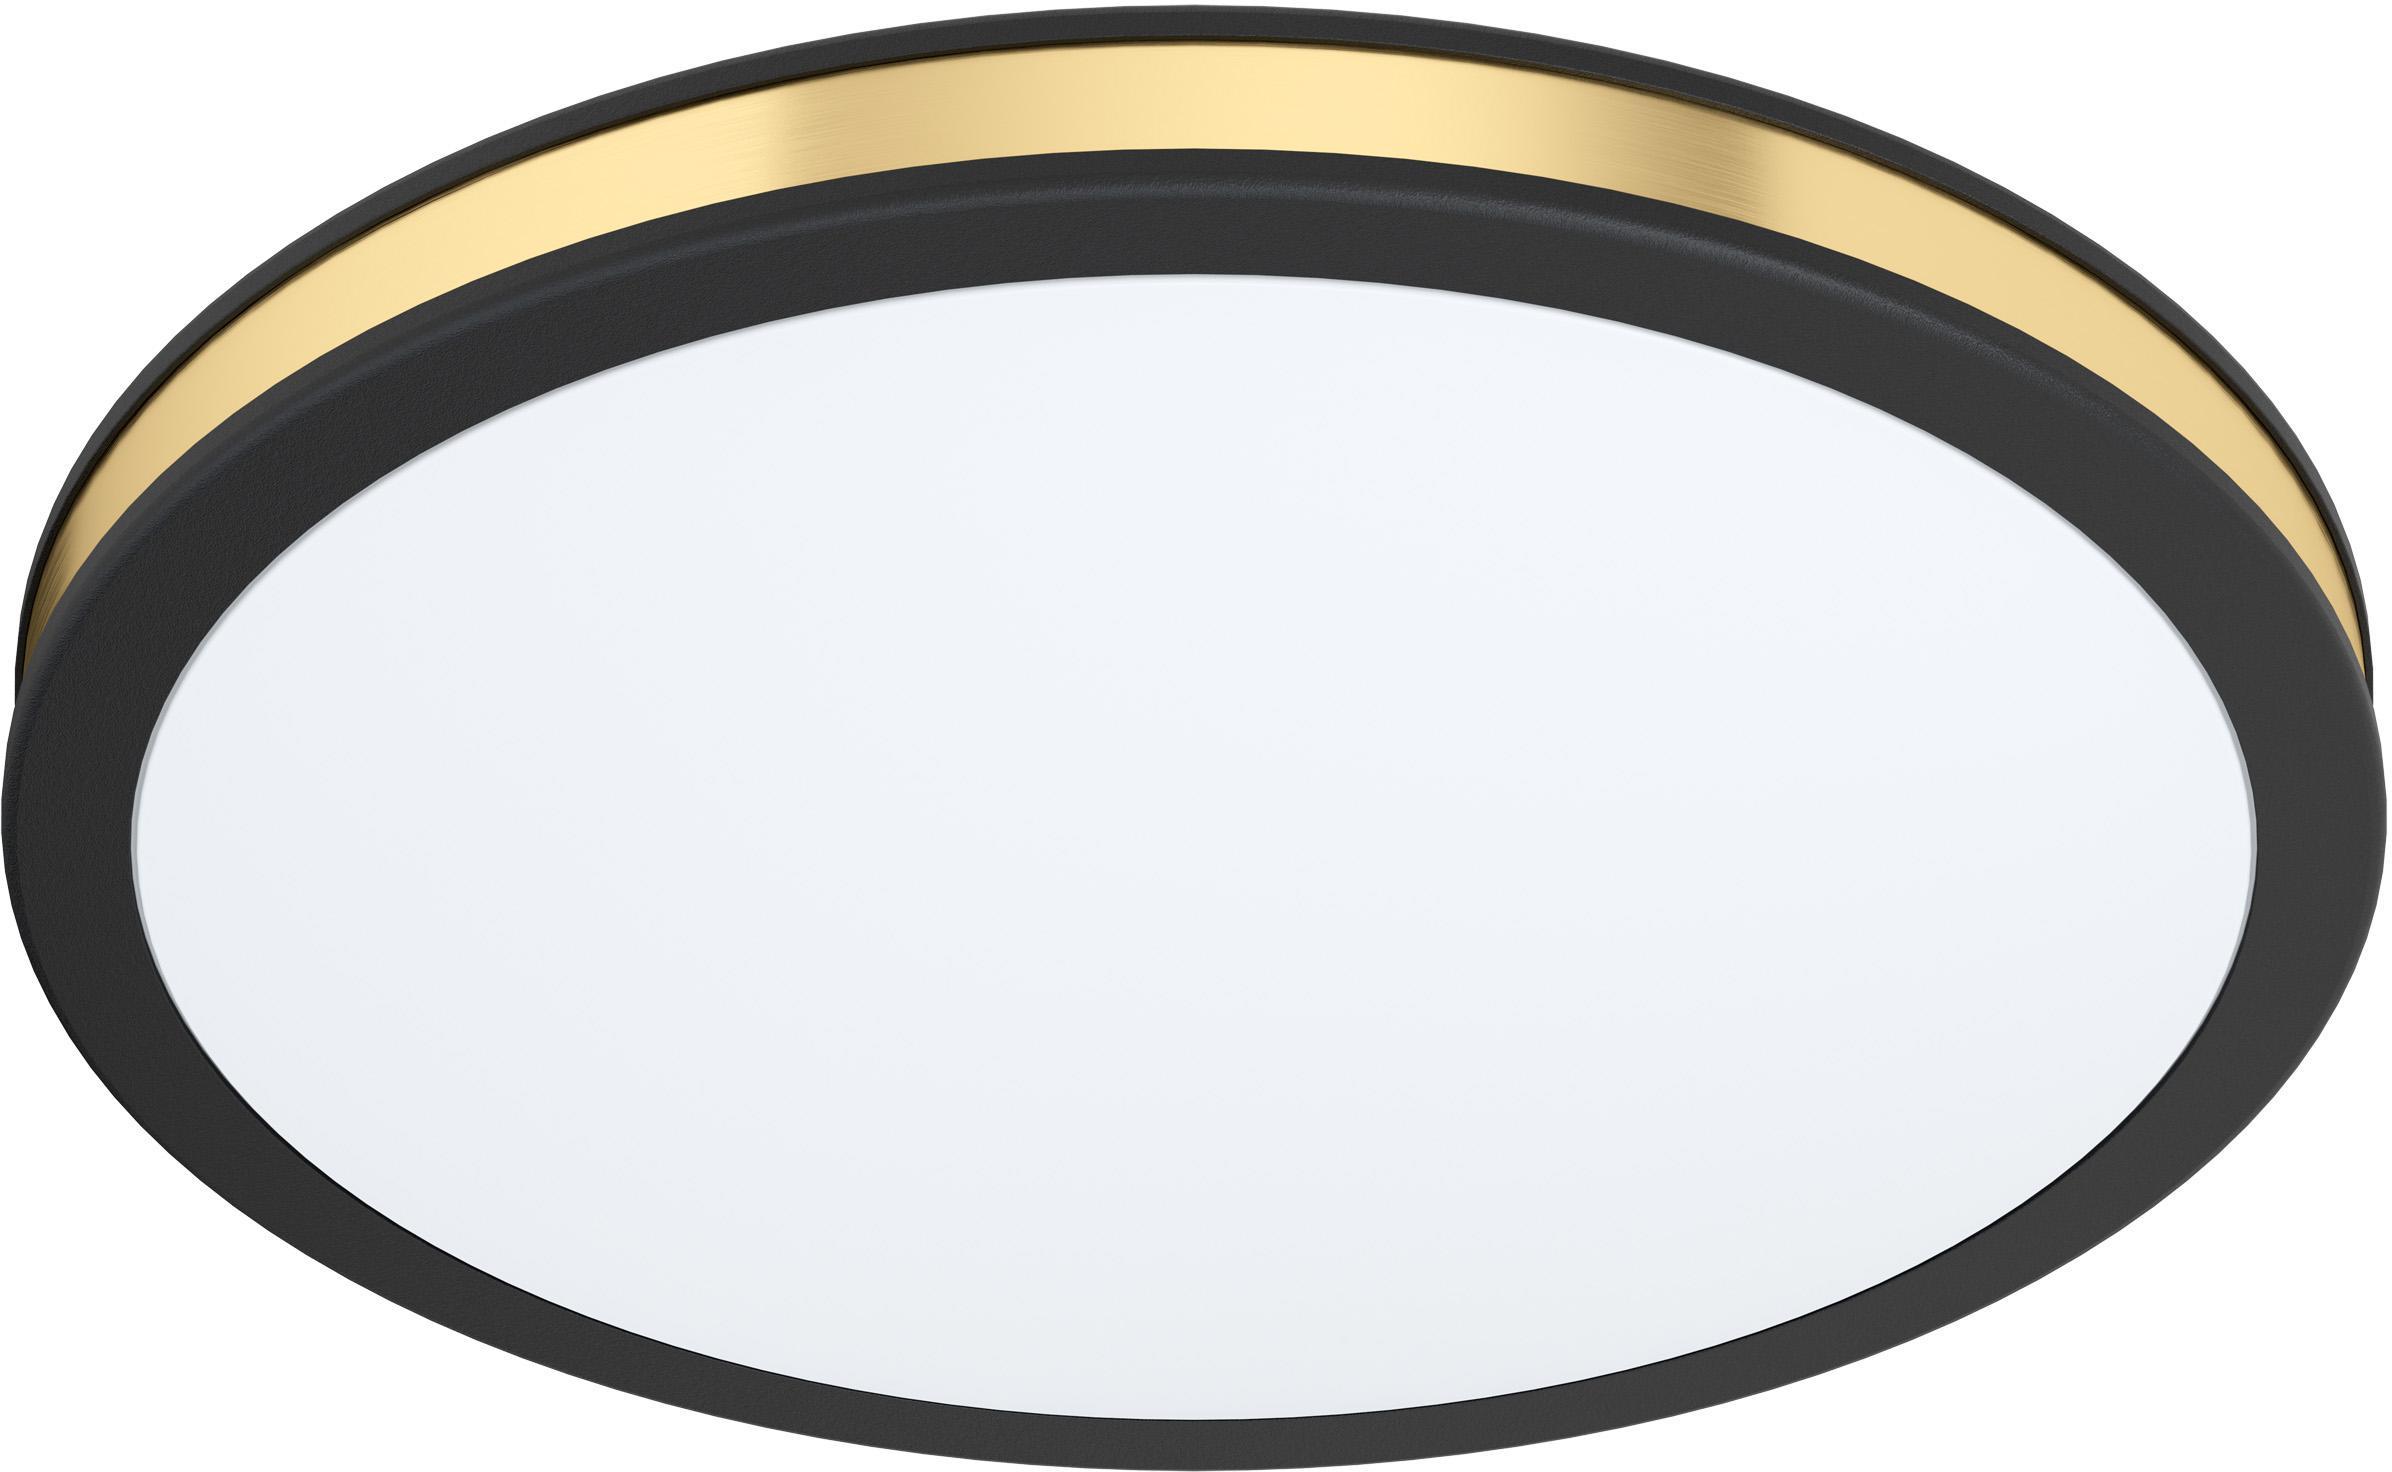 Plafonnier LED moderne Pescaito, Noir, couleur dorée